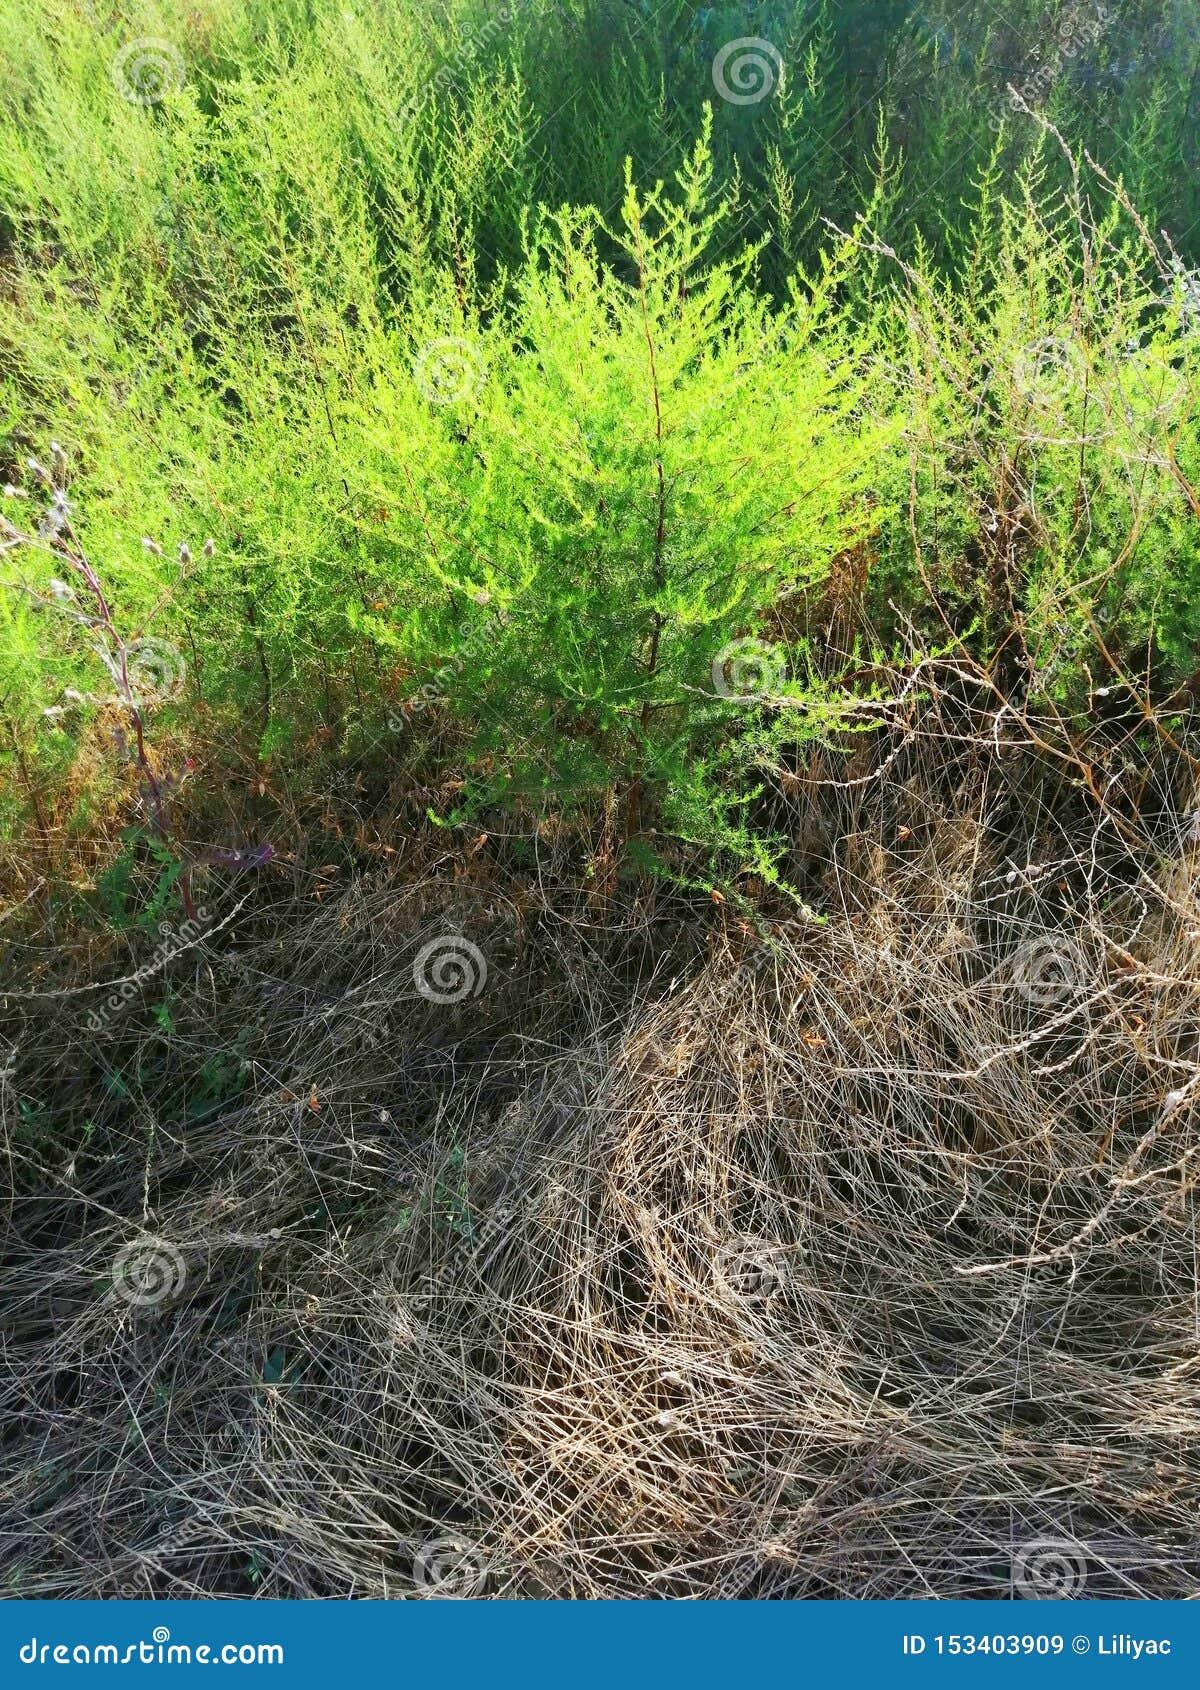 Planta verde incomum no campo e na grama seca